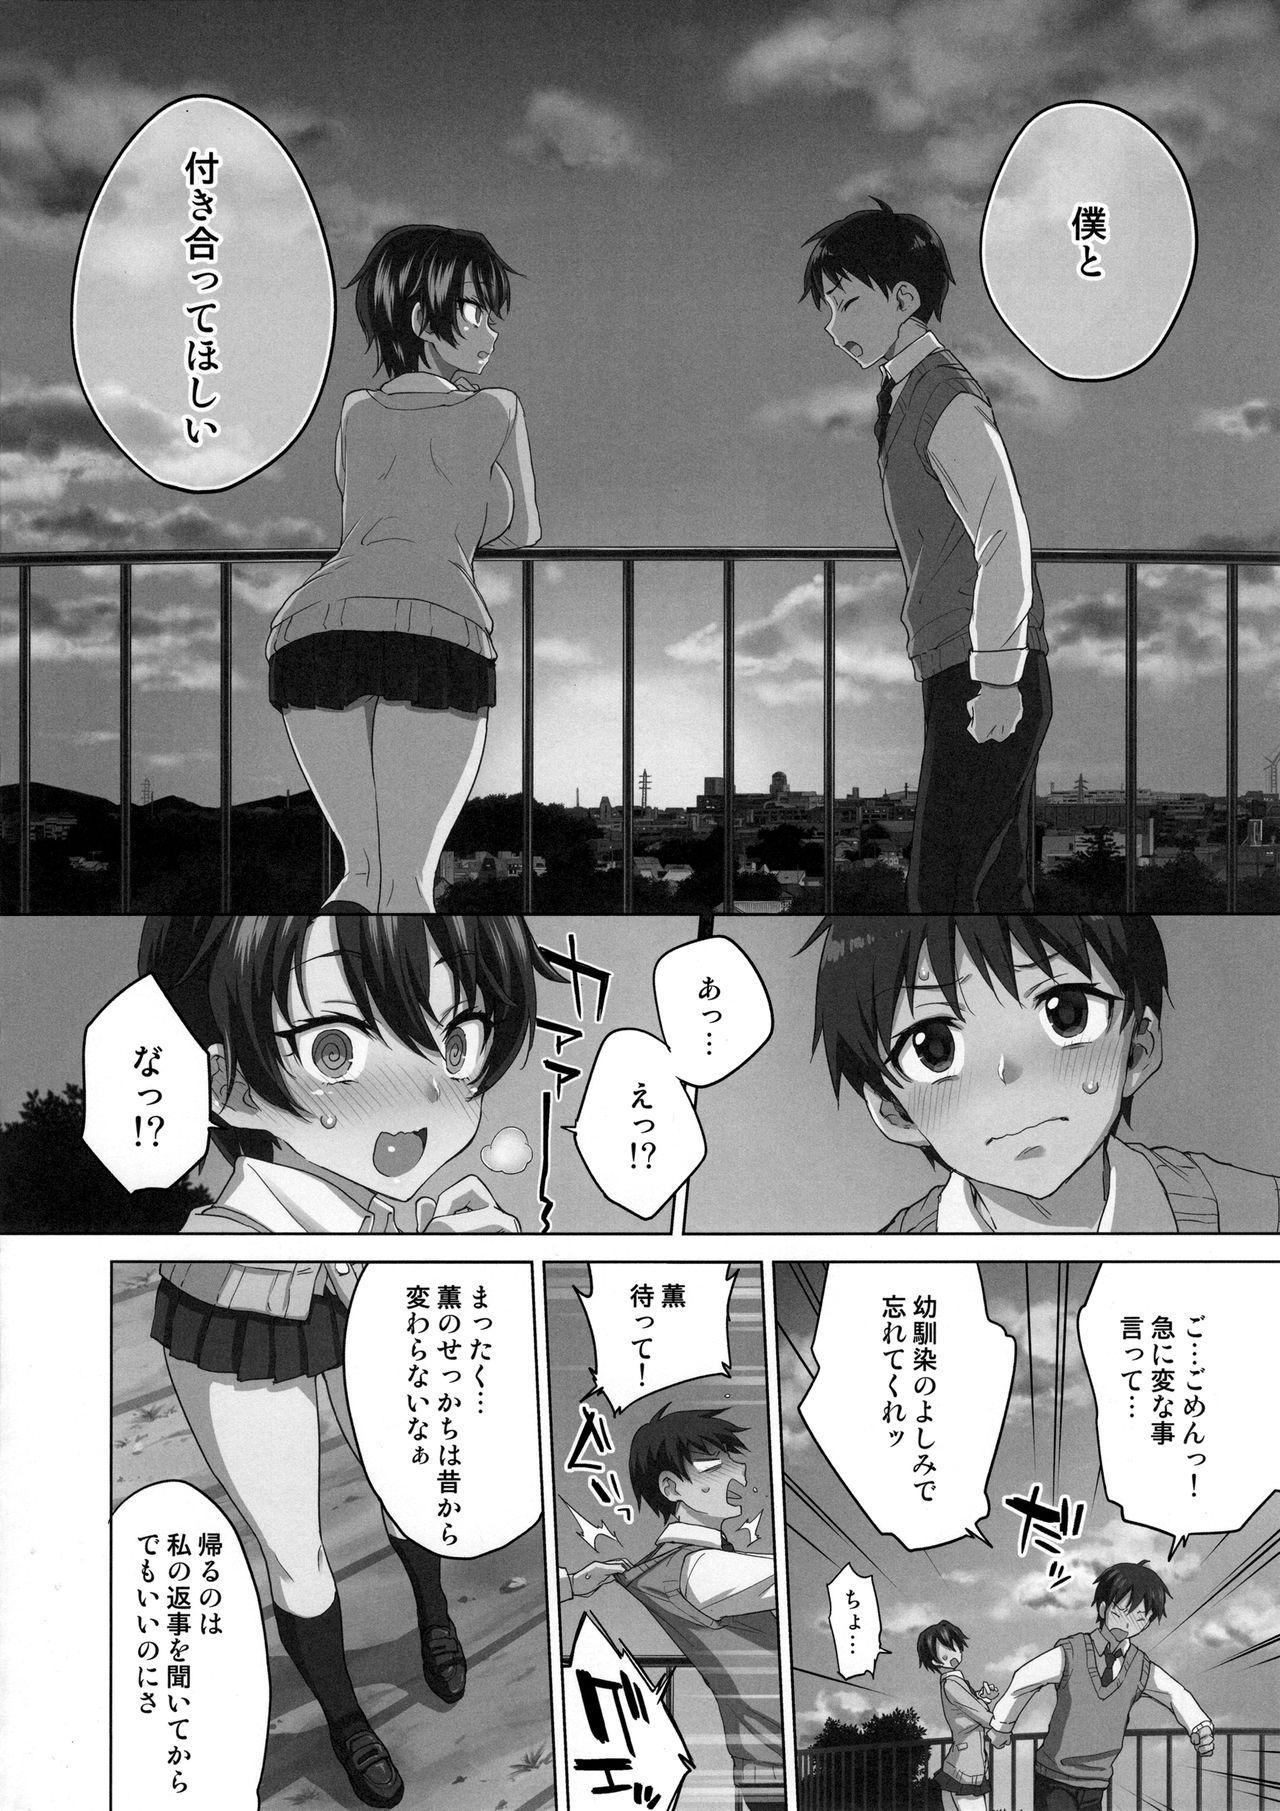 Mako-chan Kaihatsu Nikki Preview Monochro Ban 2